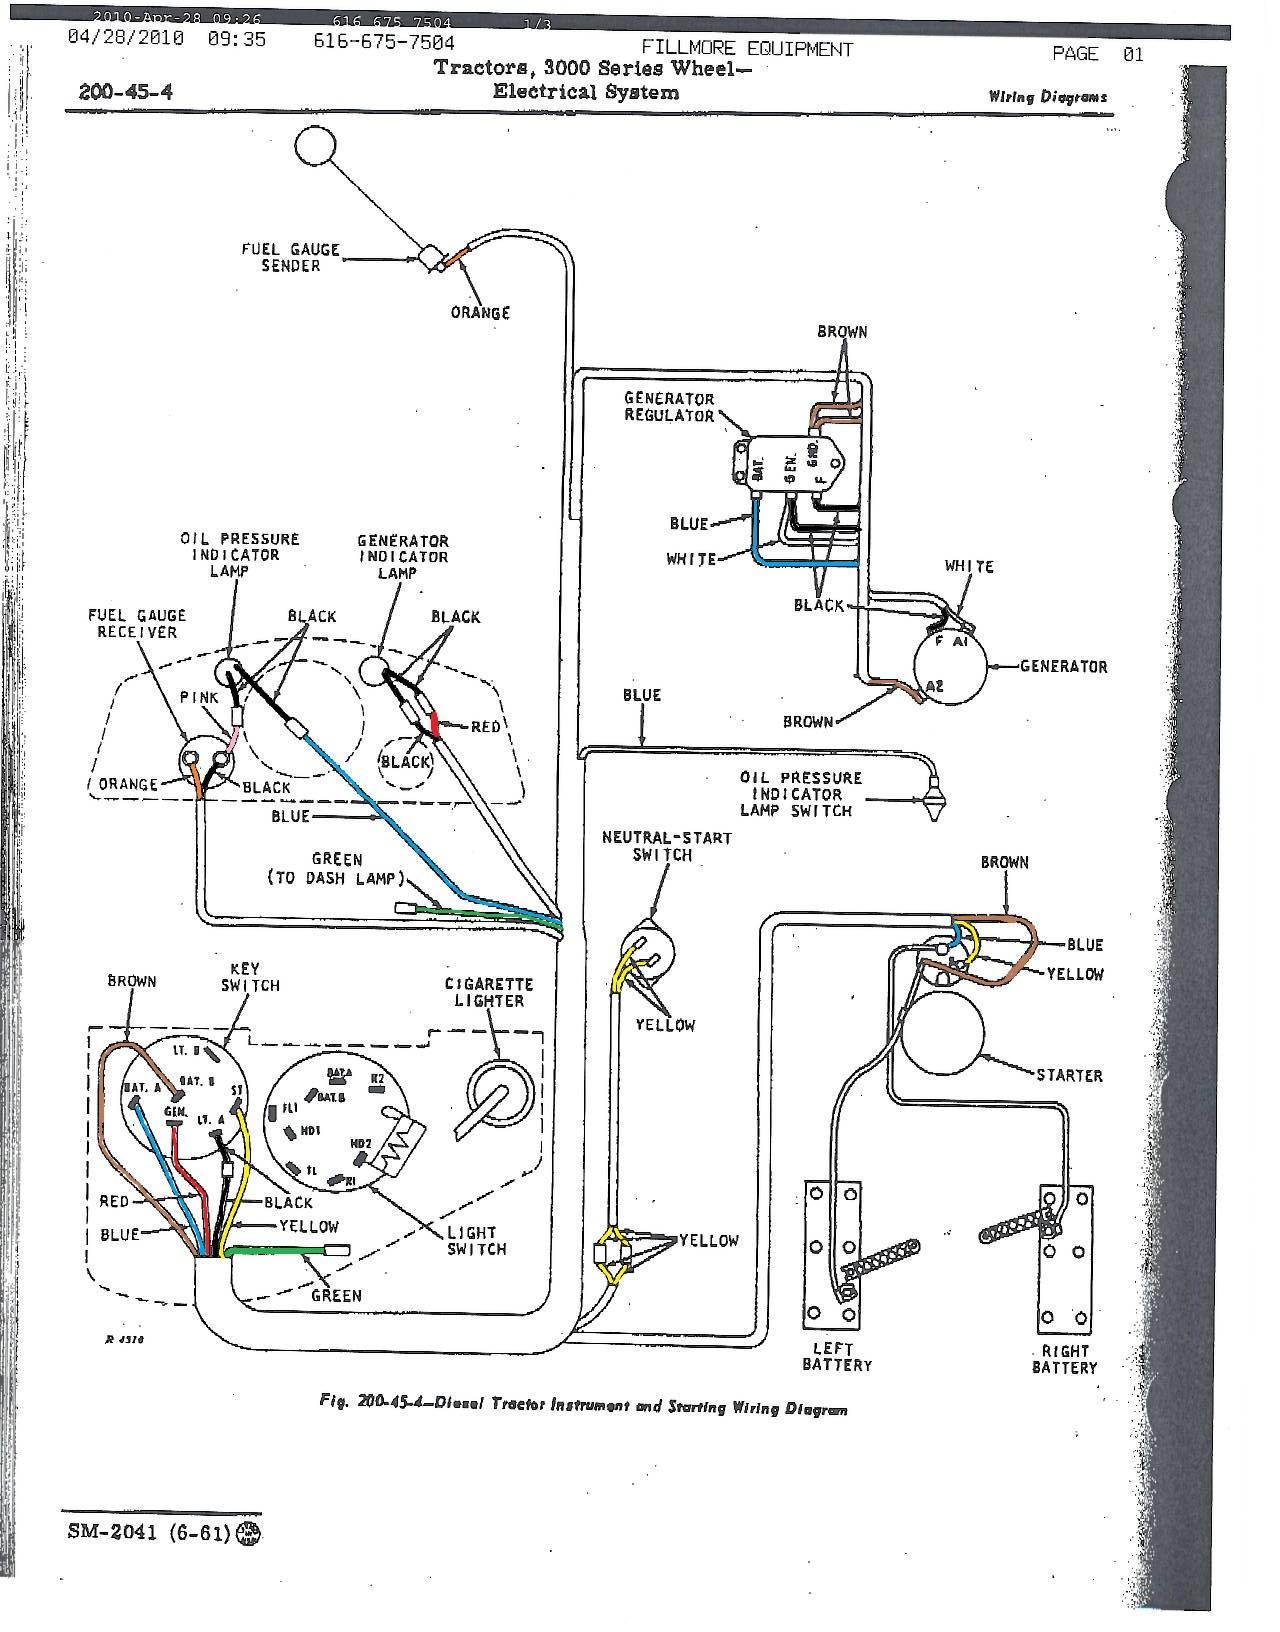 John Deere Electrical Bo Wiring Systems Vg 8304] 89 Kawasaki 650sx Wiring Diagram Free Diagram Of John Deere Electrical Bo Wiring Systems